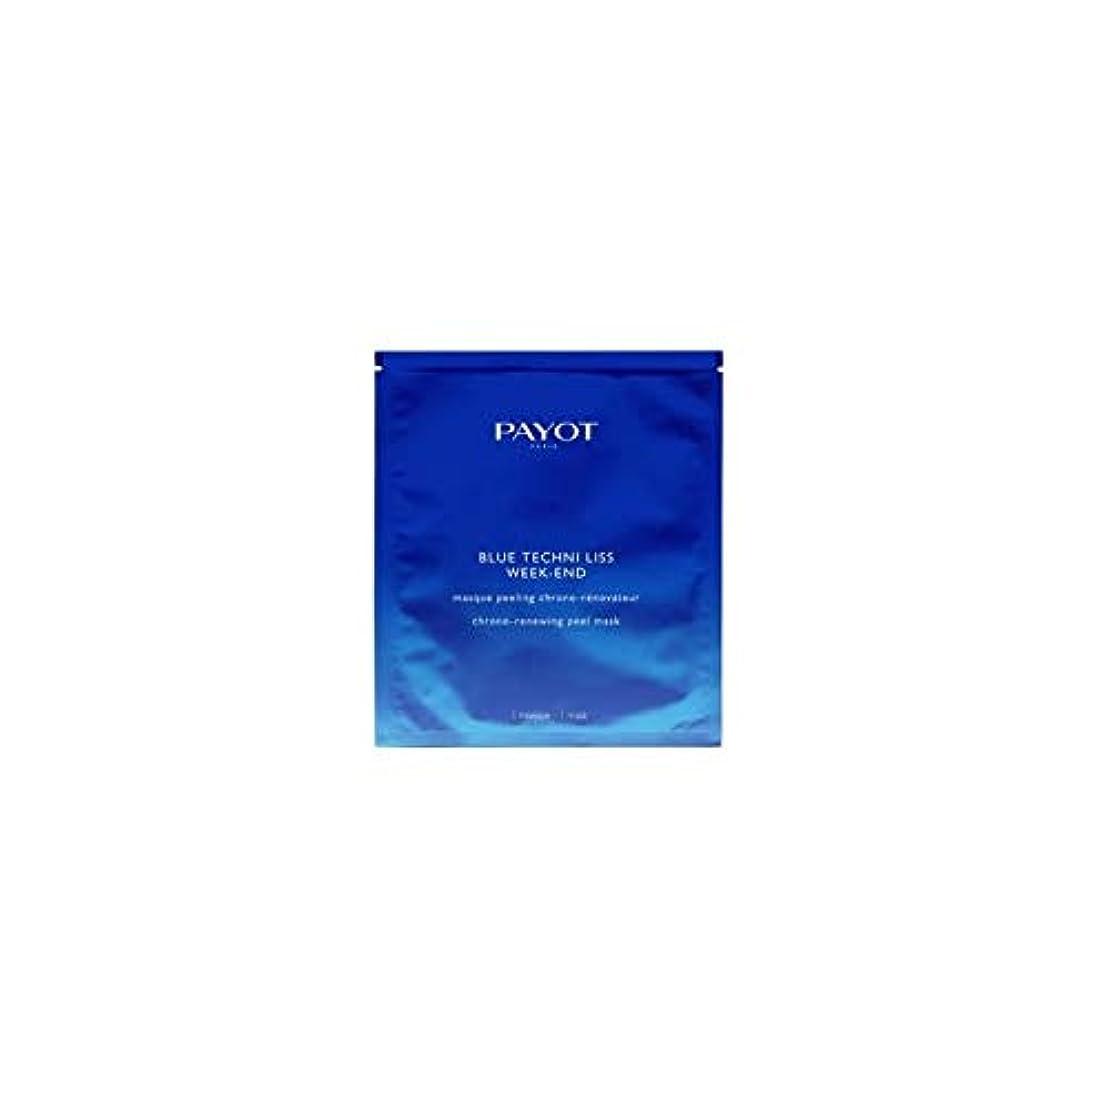 完璧玉ねぎ消えるパイヨ Blue Techni Liss Week-End Chrono-Renewing Peel Mask 10pcs並行輸入品